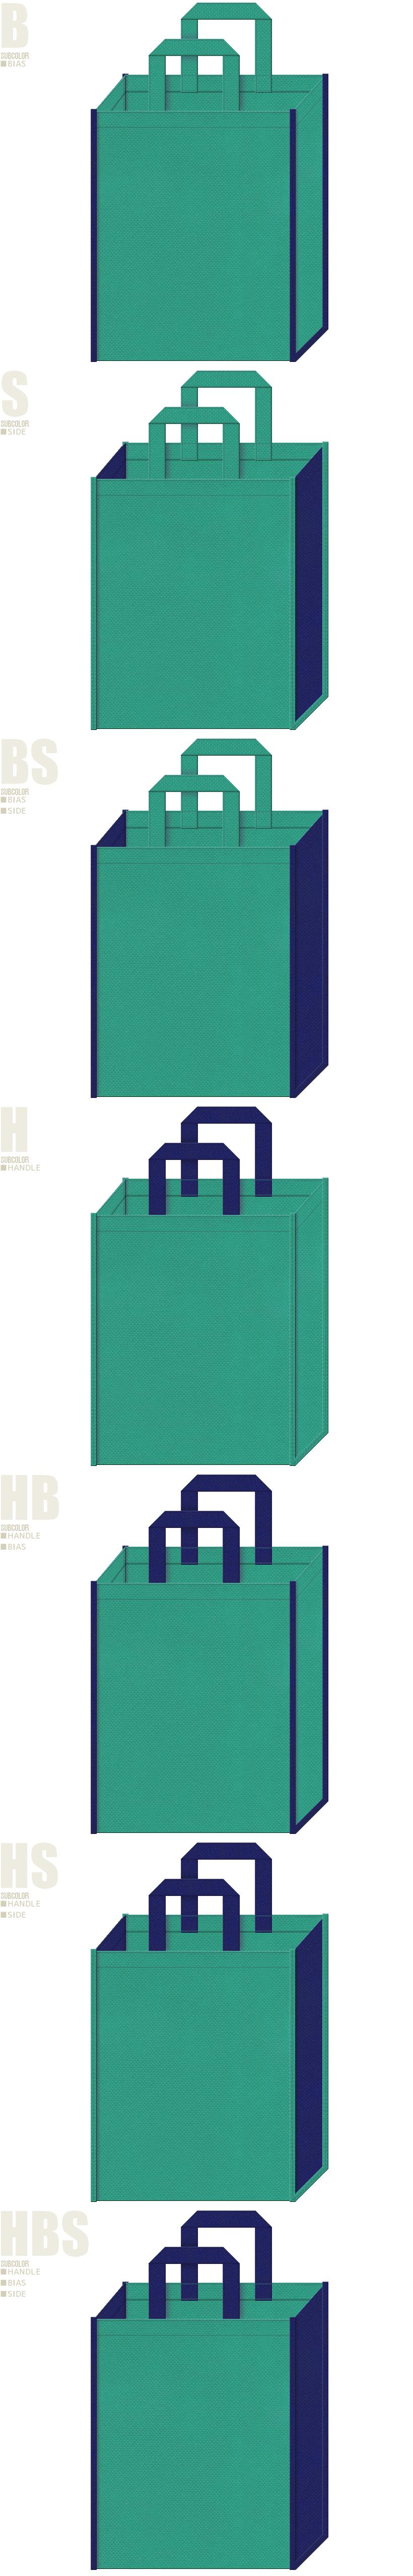 春夏・マリンルック・リーフ・ダイビング・釣具・ユニフォーム・運動靴・アウトドア・スポーツイベント・スポーティーファッション・スポーツ用品の展示会用バッグにお奨めの不織布バッグデザイン:青緑色と明るい紺色の配色7パターン